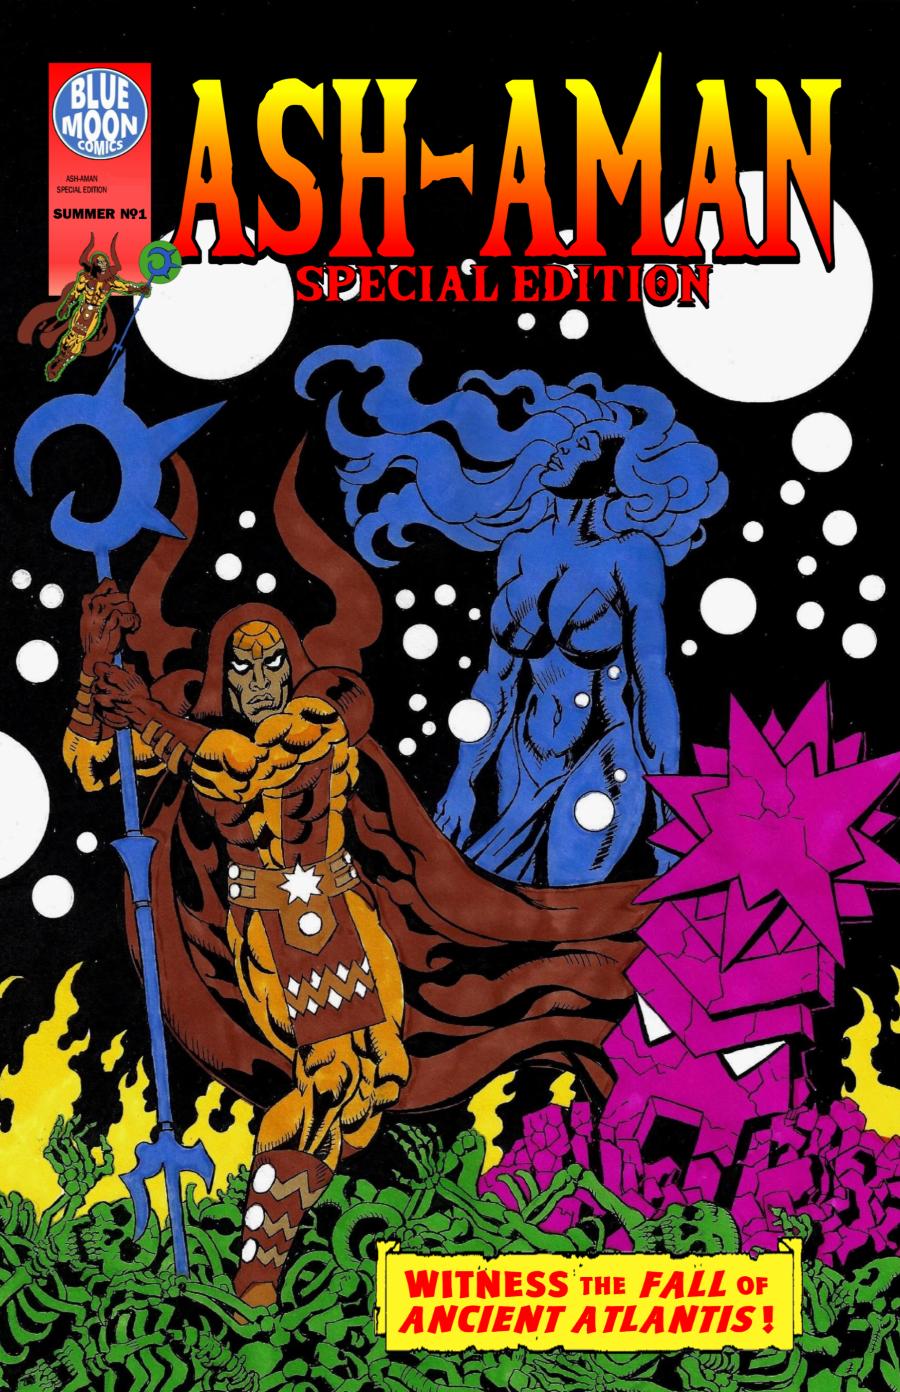 Ash-Aman Special Edition #1